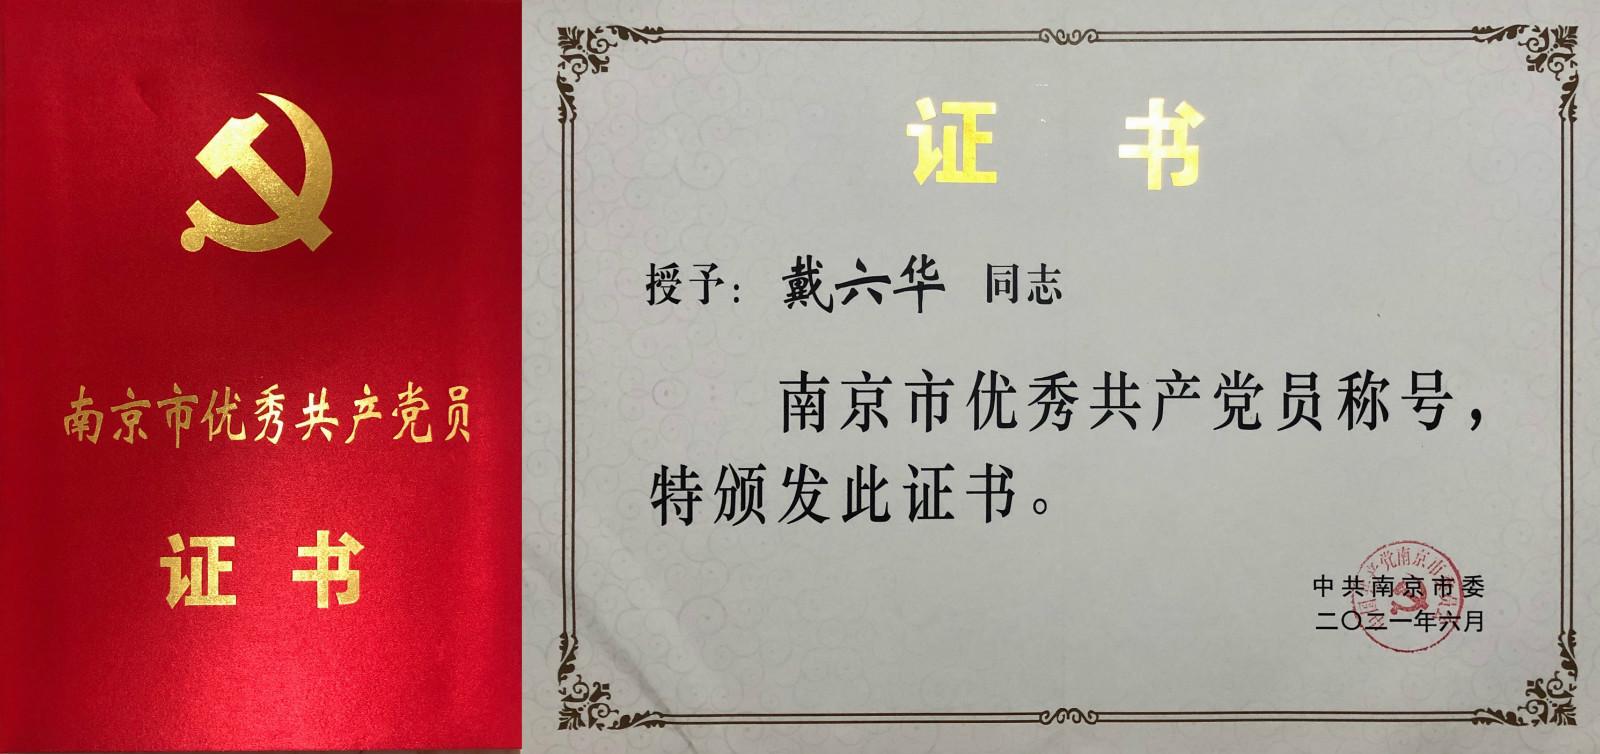 """集团融媒体采访中心总监戴六华同志获""""南京市优秀共产党员""""称号。"""